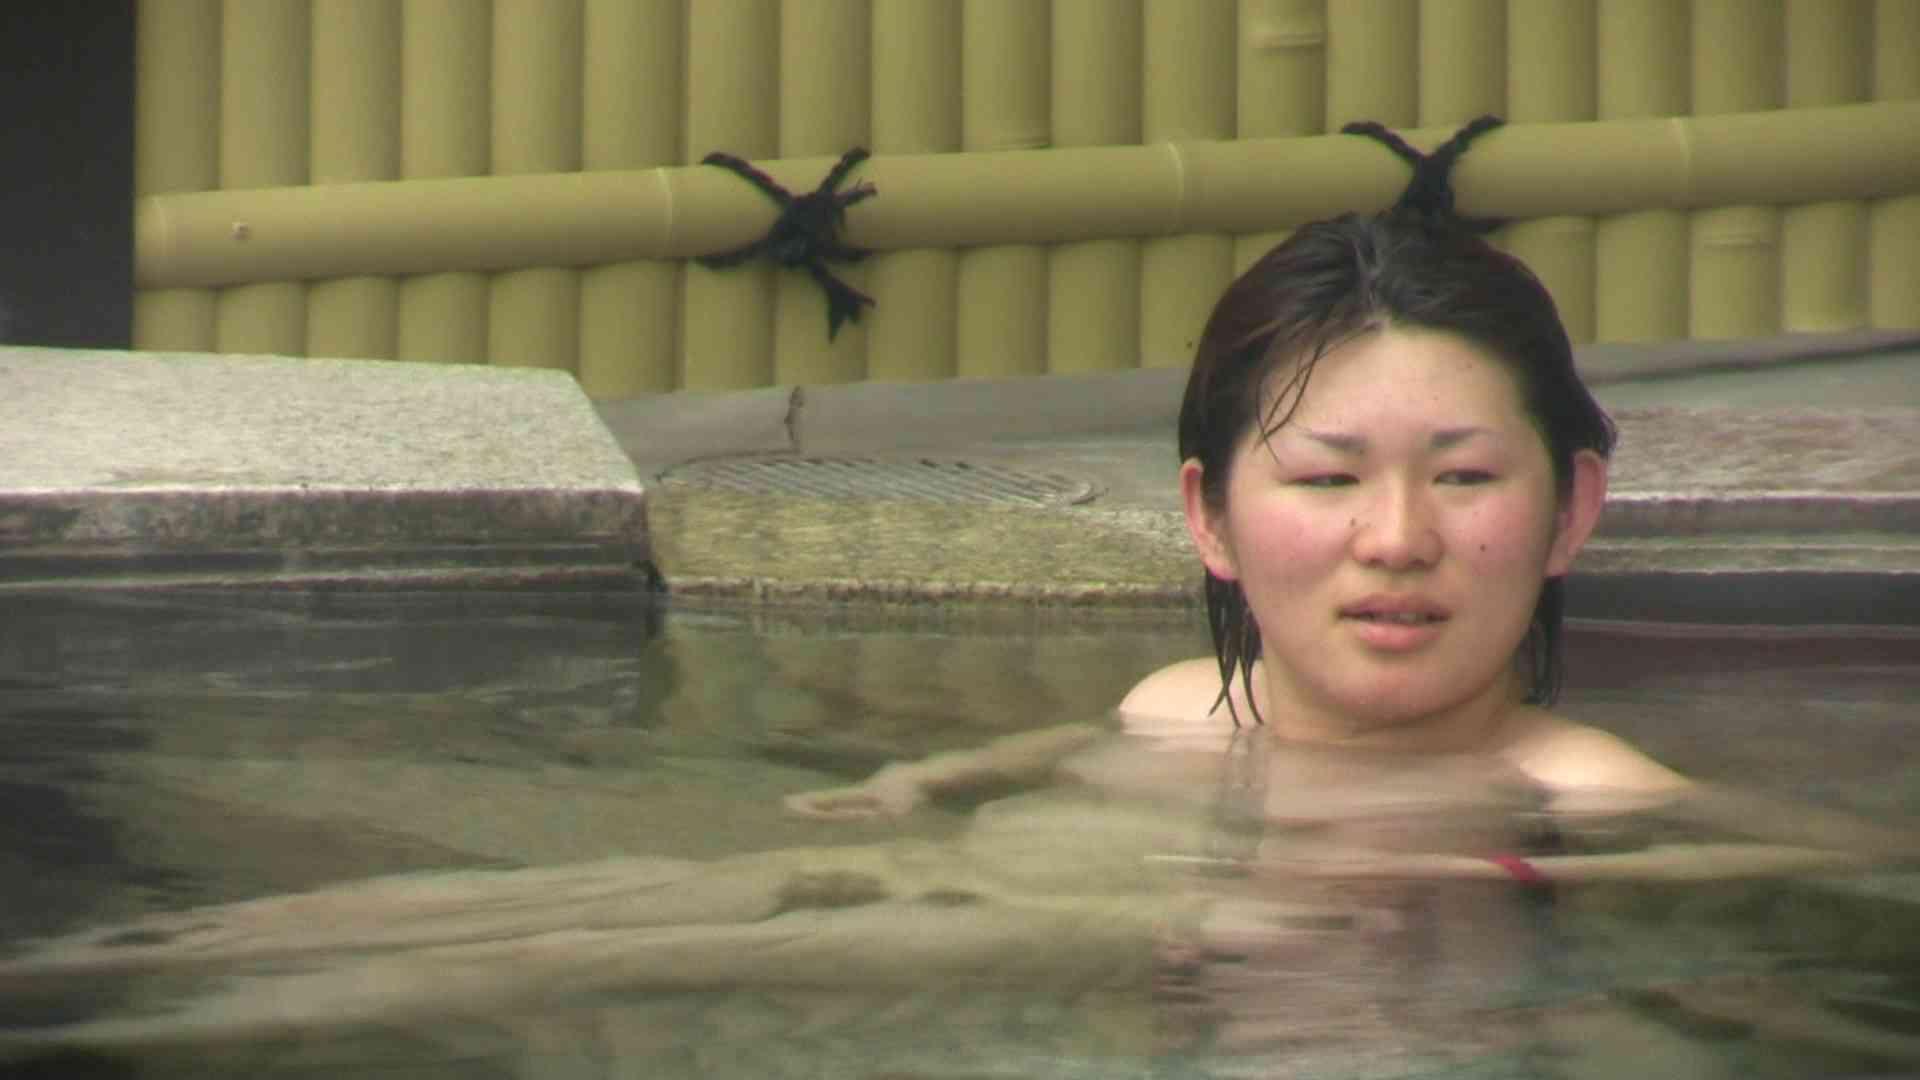 Aquaな露天風呂Vol.673 美しいOLの裸体  99pic 81